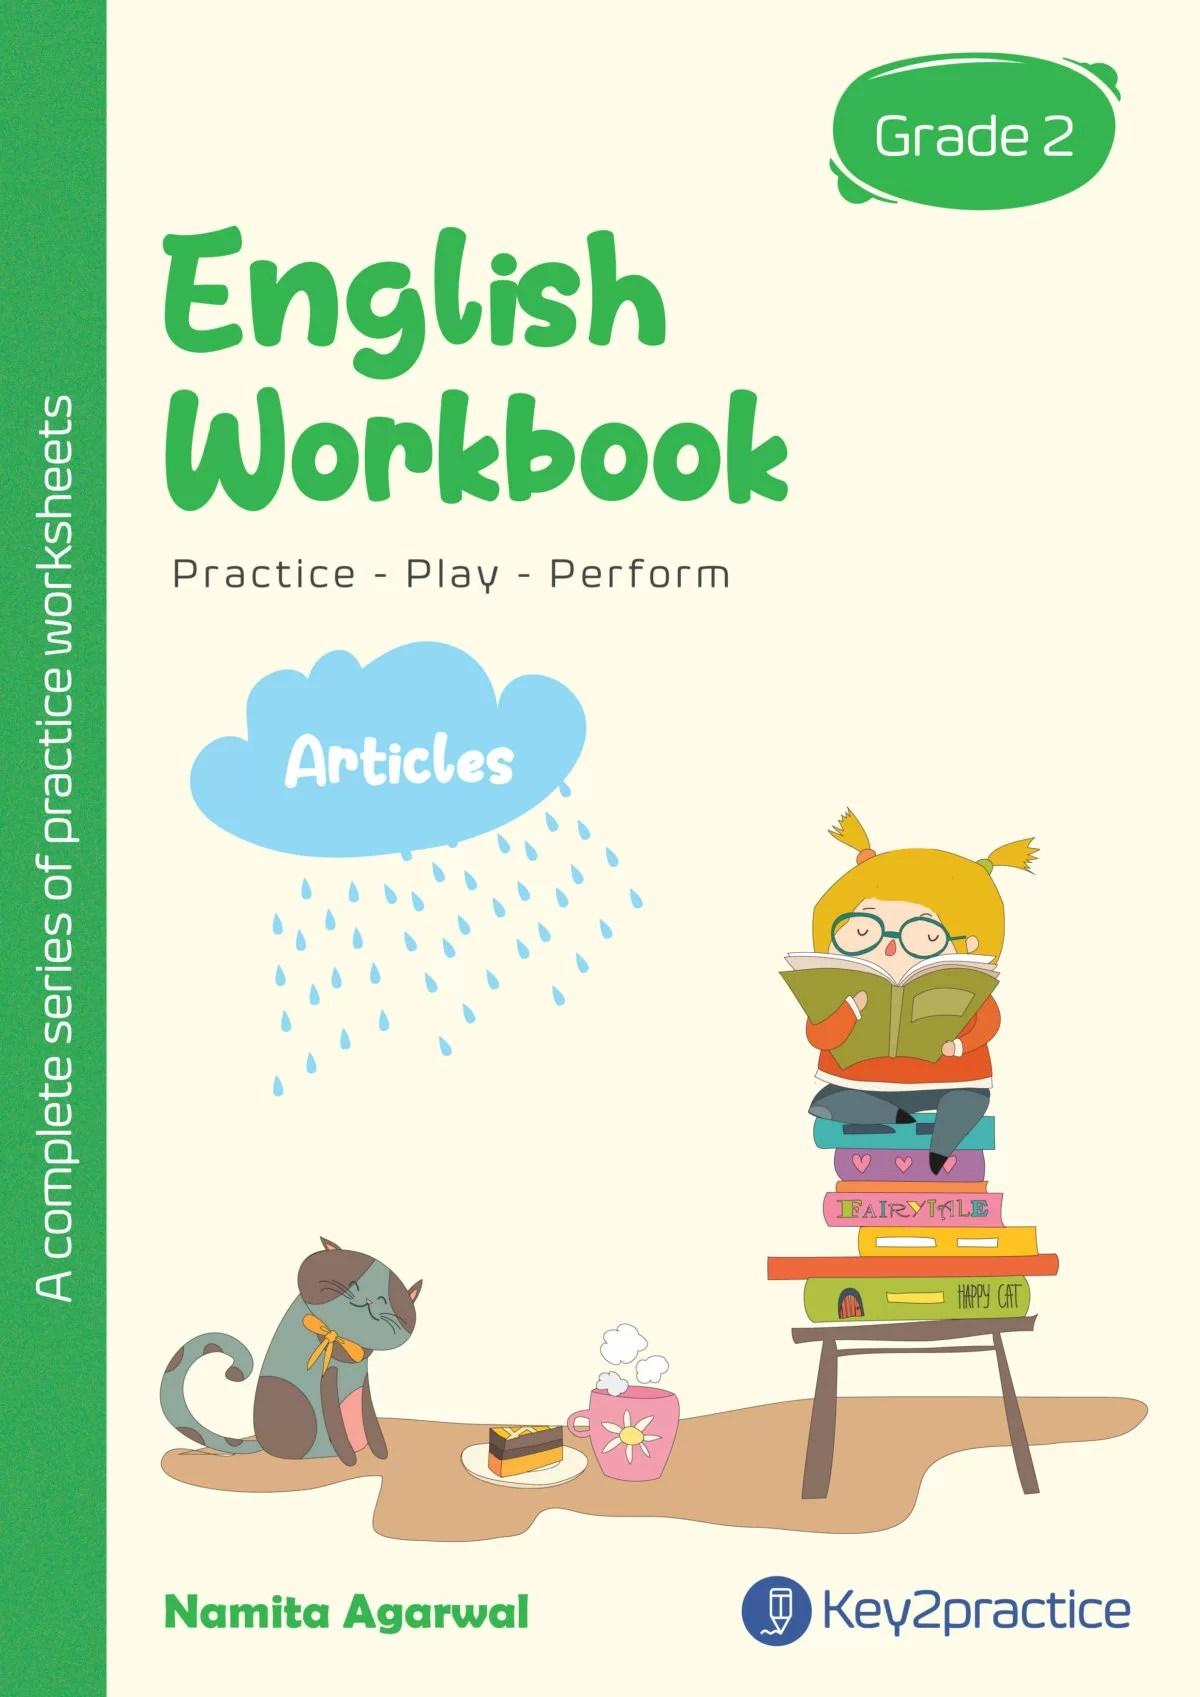 English Worksheets Grade 1 Concept Blends